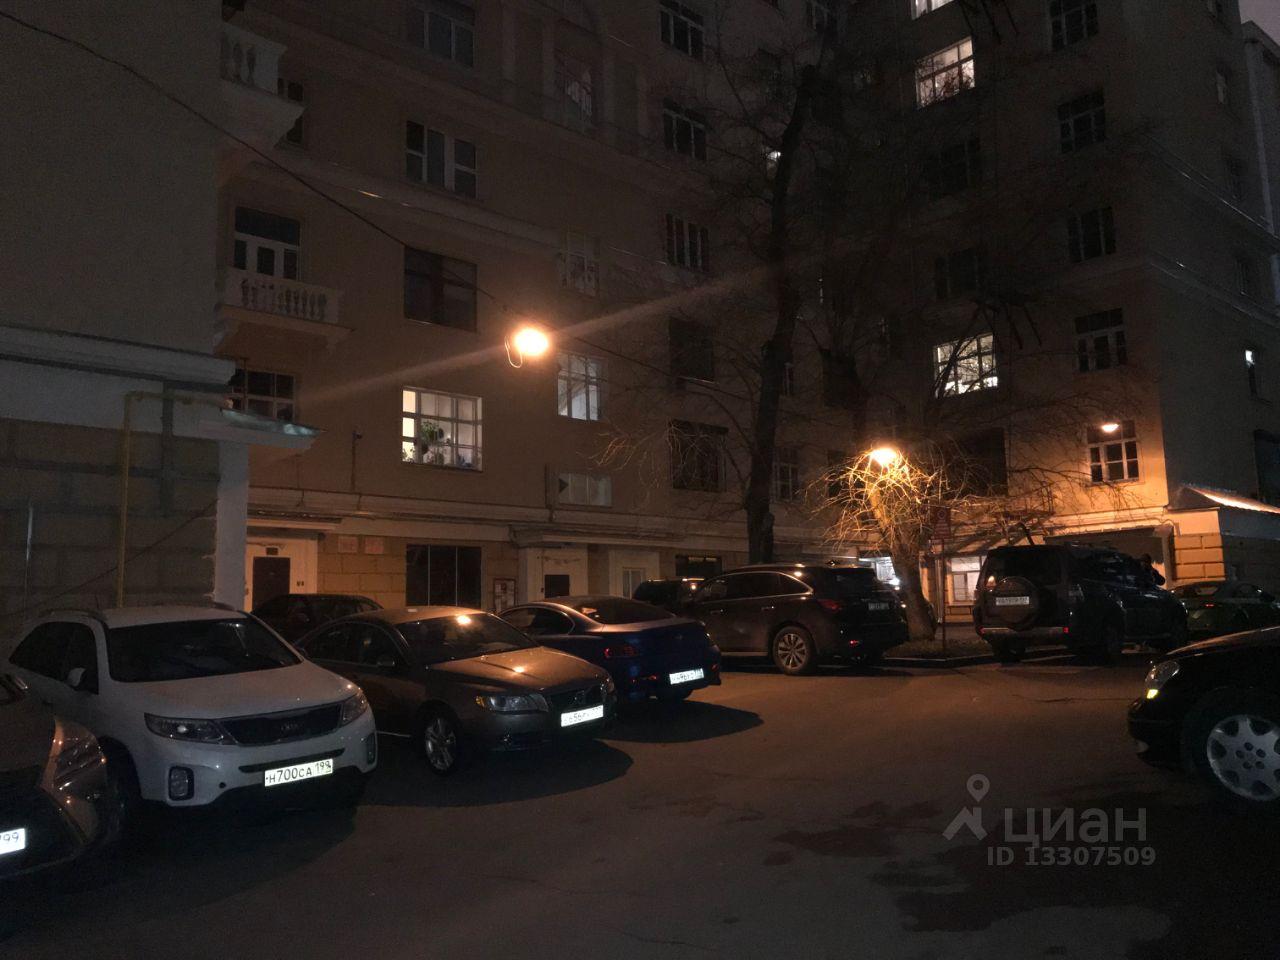 Аренда коммерческой недвижимости Котельнический 5-й переулок коммерческая недвижимость купить в орле